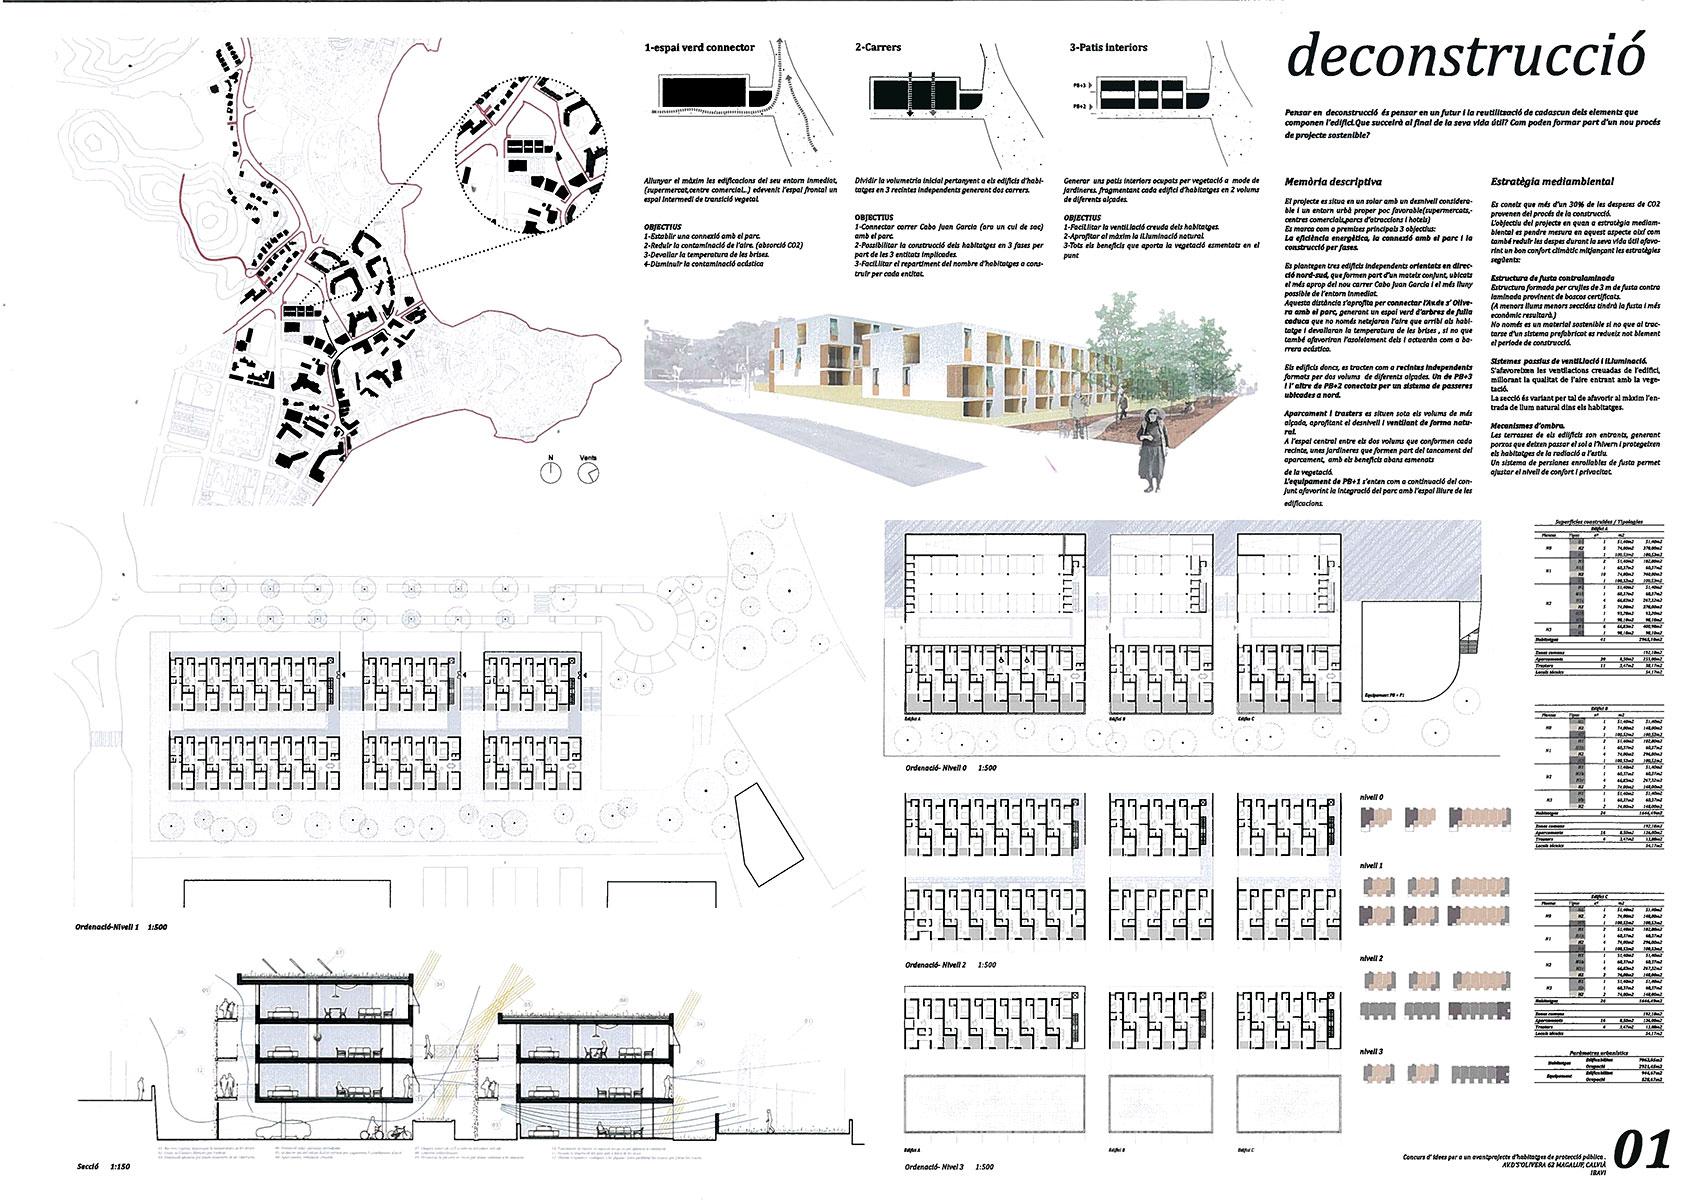 vpo-magaluf-2018-deconstruccio1